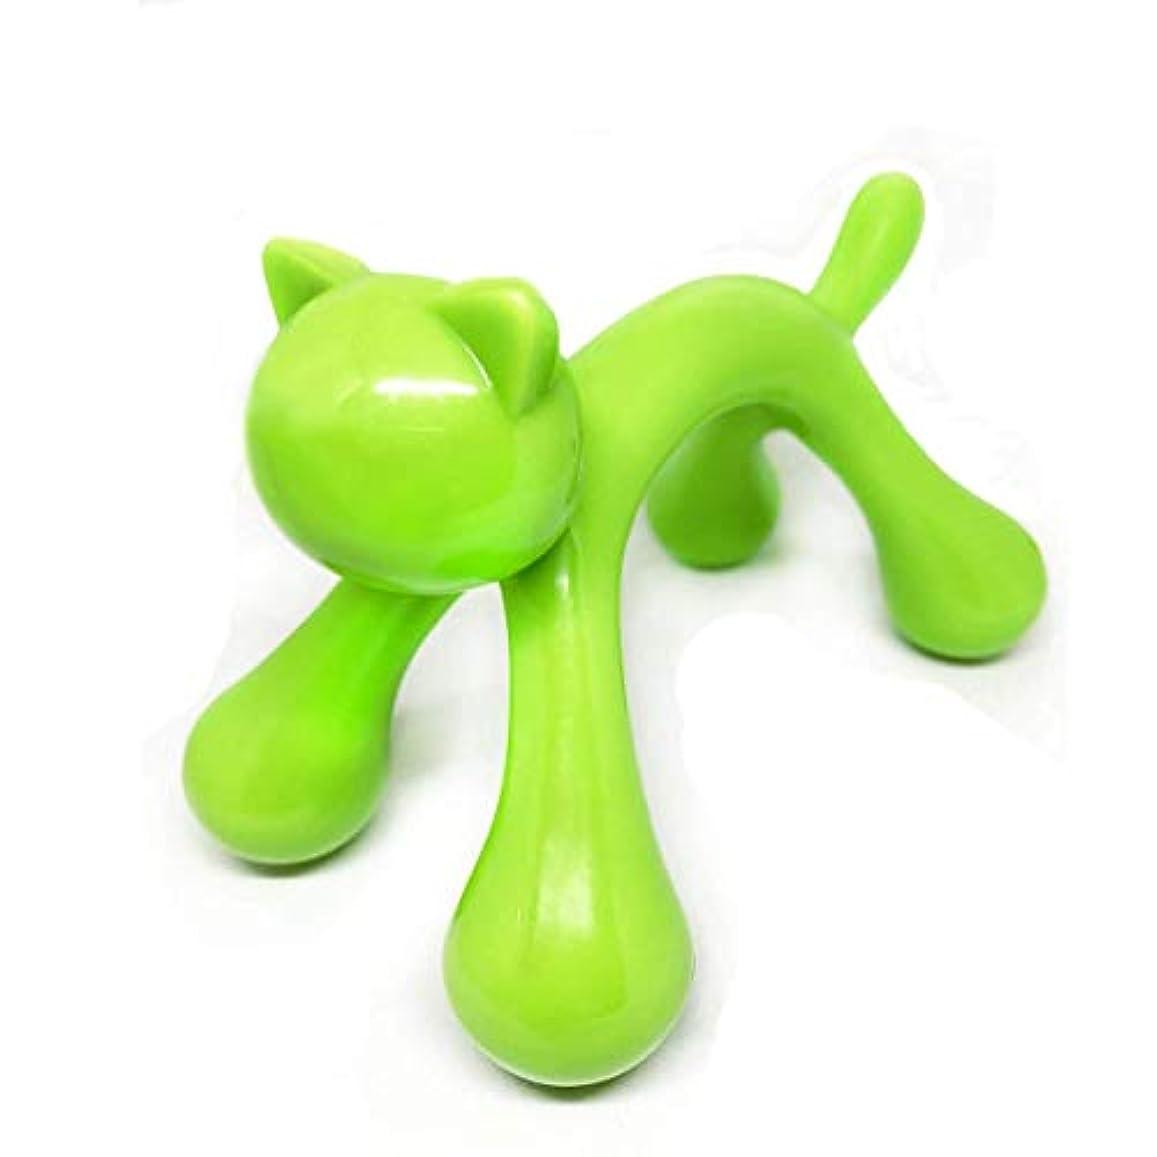 美的めんどりフリンジSimg マッサージ棒 ツボ押しマッサージ台 握りタイプ 背中 ウッド 疲労回復 ハンド 背中 首 肩こり解消 可愛いネコ型 (グリーン)